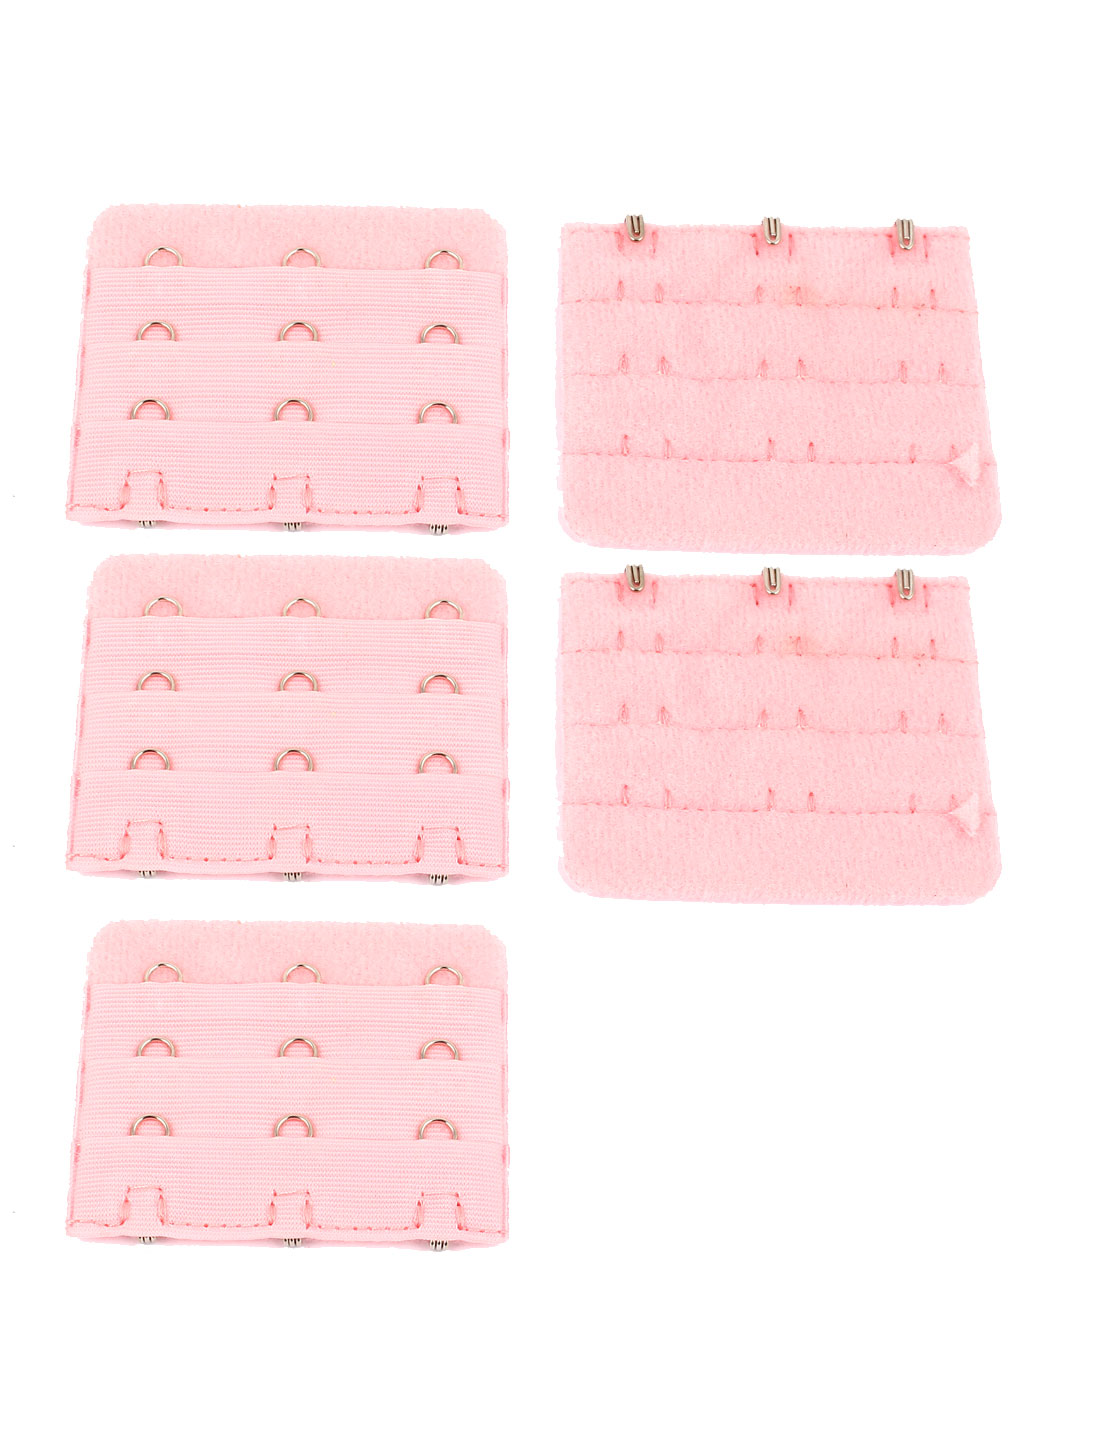 Women Underwear Buckle 3 Rows Hooks Bra Back Extenders Strap Extention Pink 5pcs